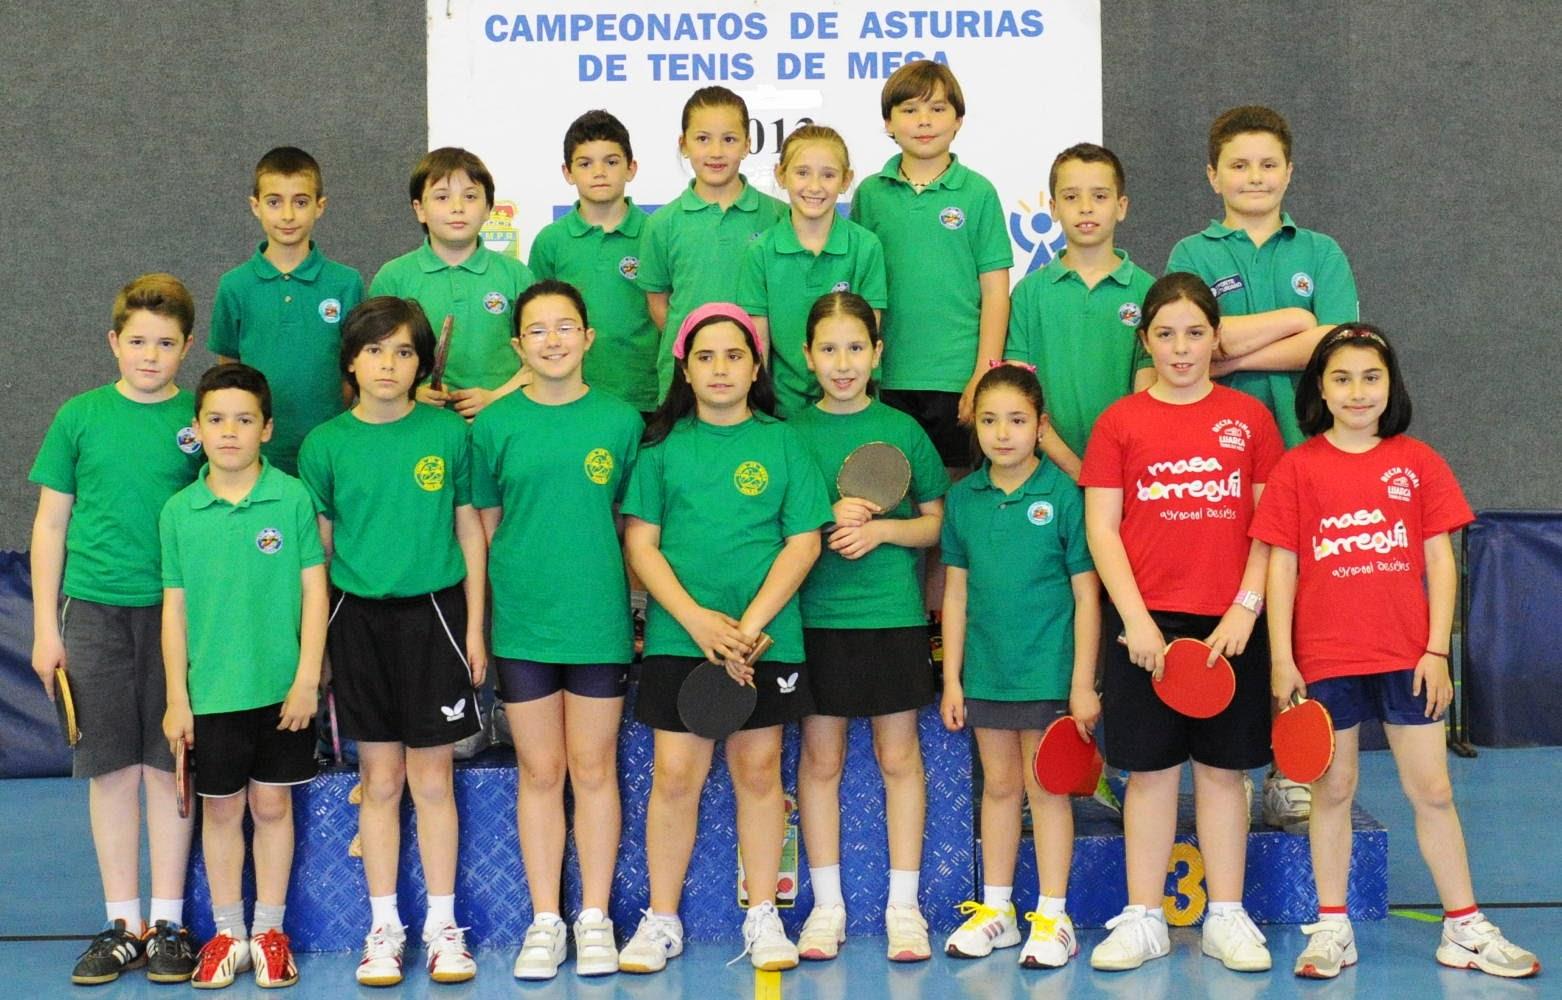 Avil s tenis de mesa resultados del campeonato de asturias benjam n - Aviles tenis de mesa ...